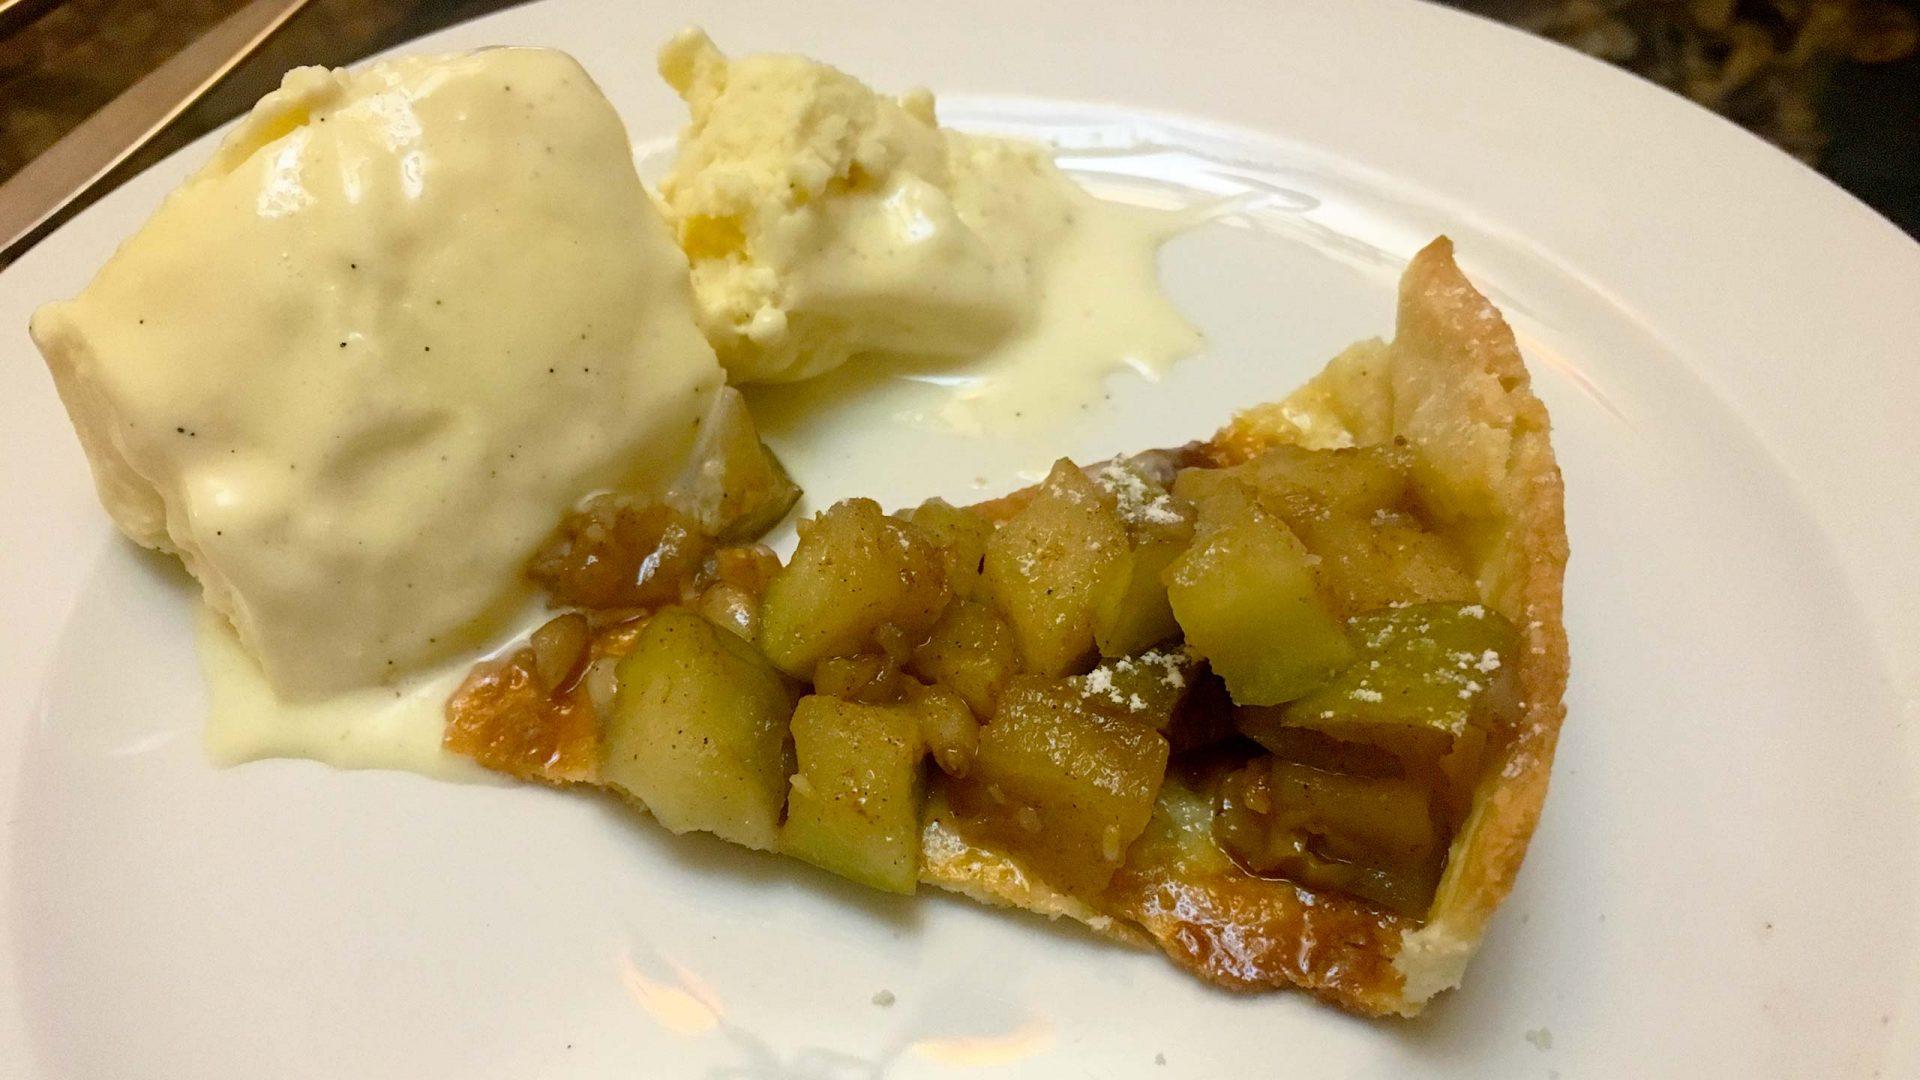 טארט תפוחים בלווי גלידת וניל צרפתי